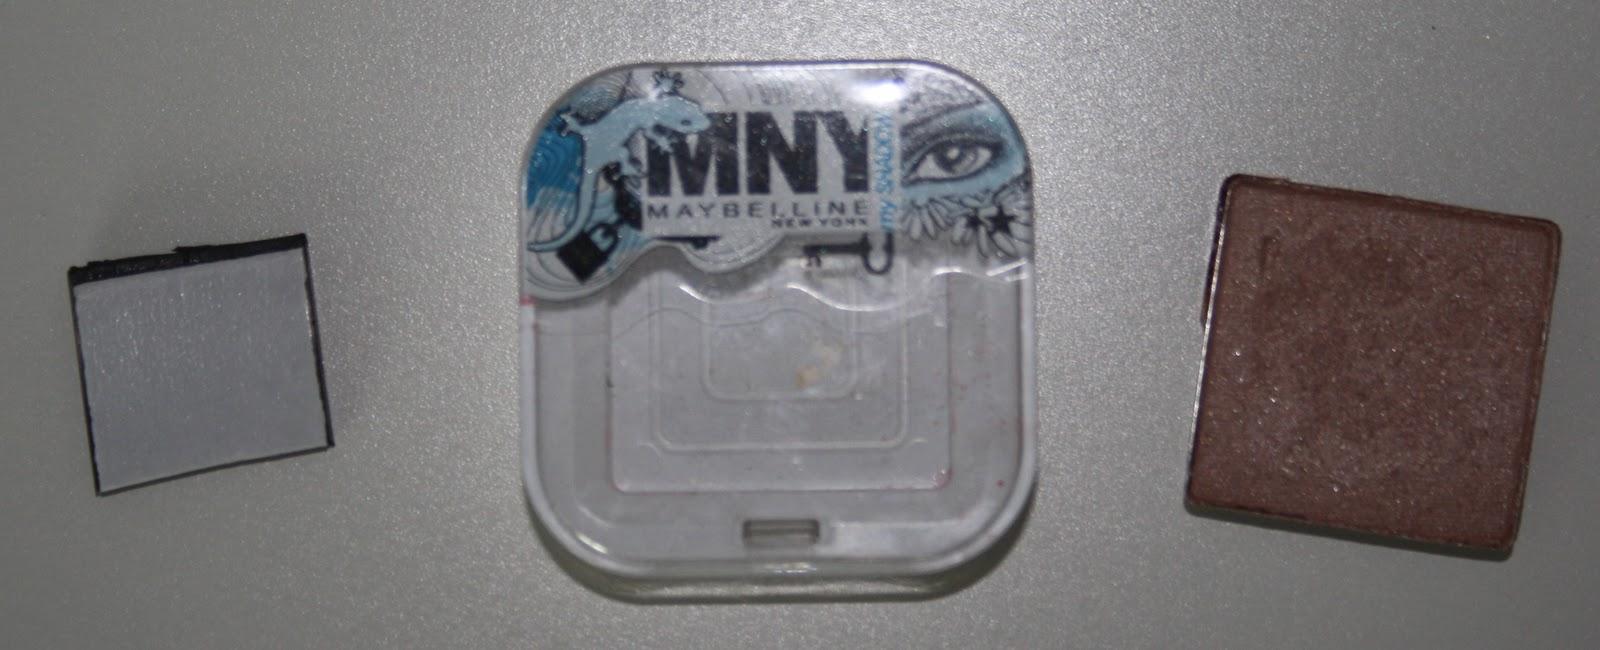 magnete selbst gestalten mit beschriftung